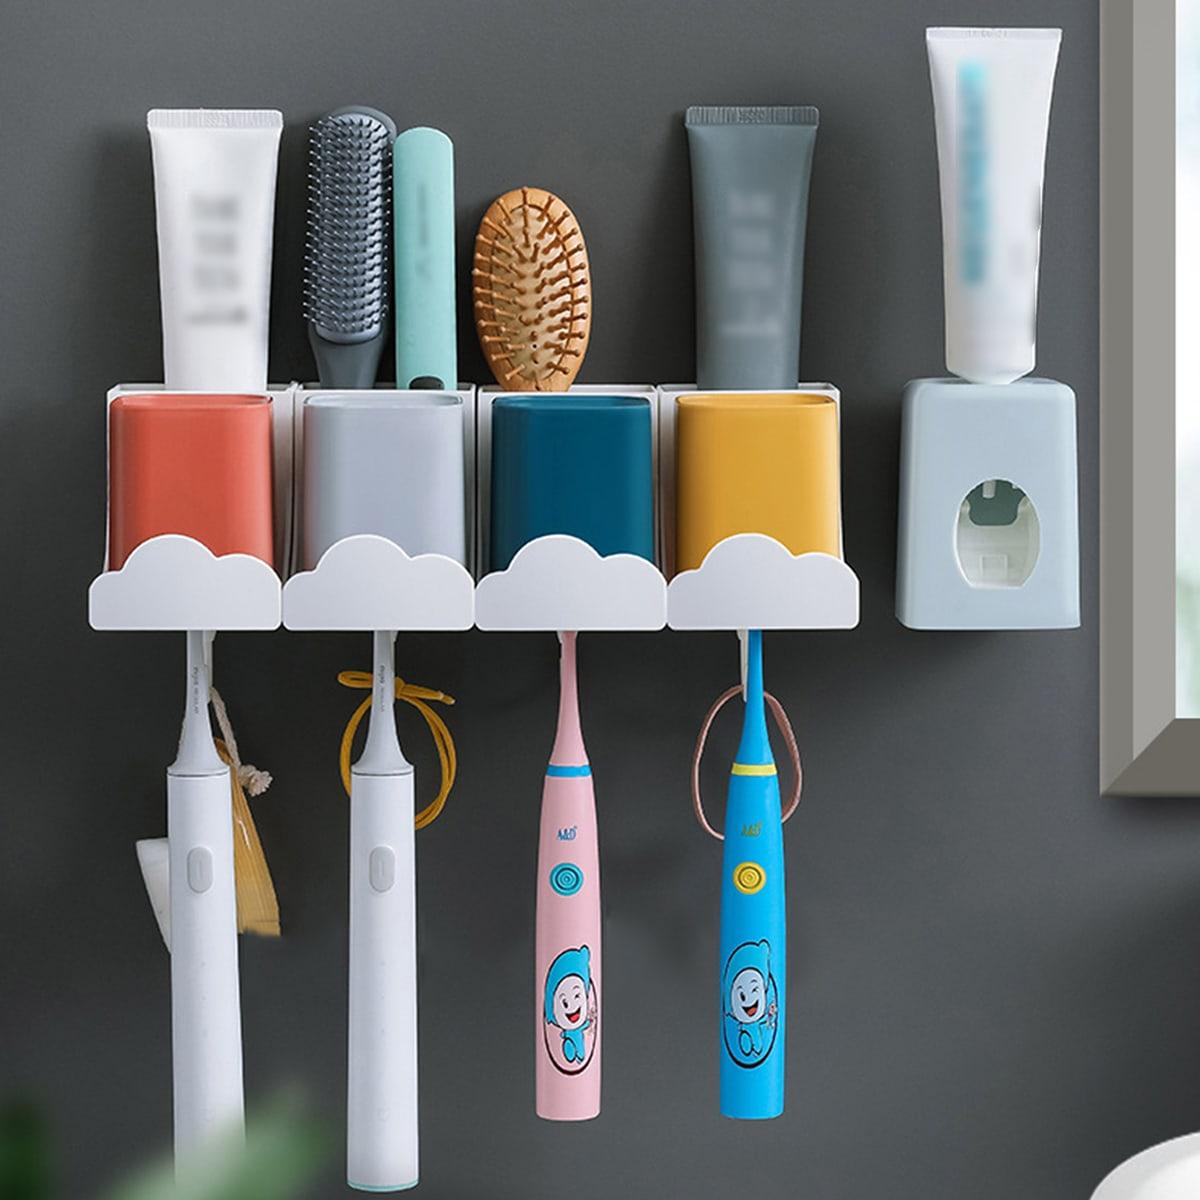 1 pieza Estantes de almacenaje & 4 piezas Taza para hacer gárgaras & 1 pieza Dispensador de pasta de dientes